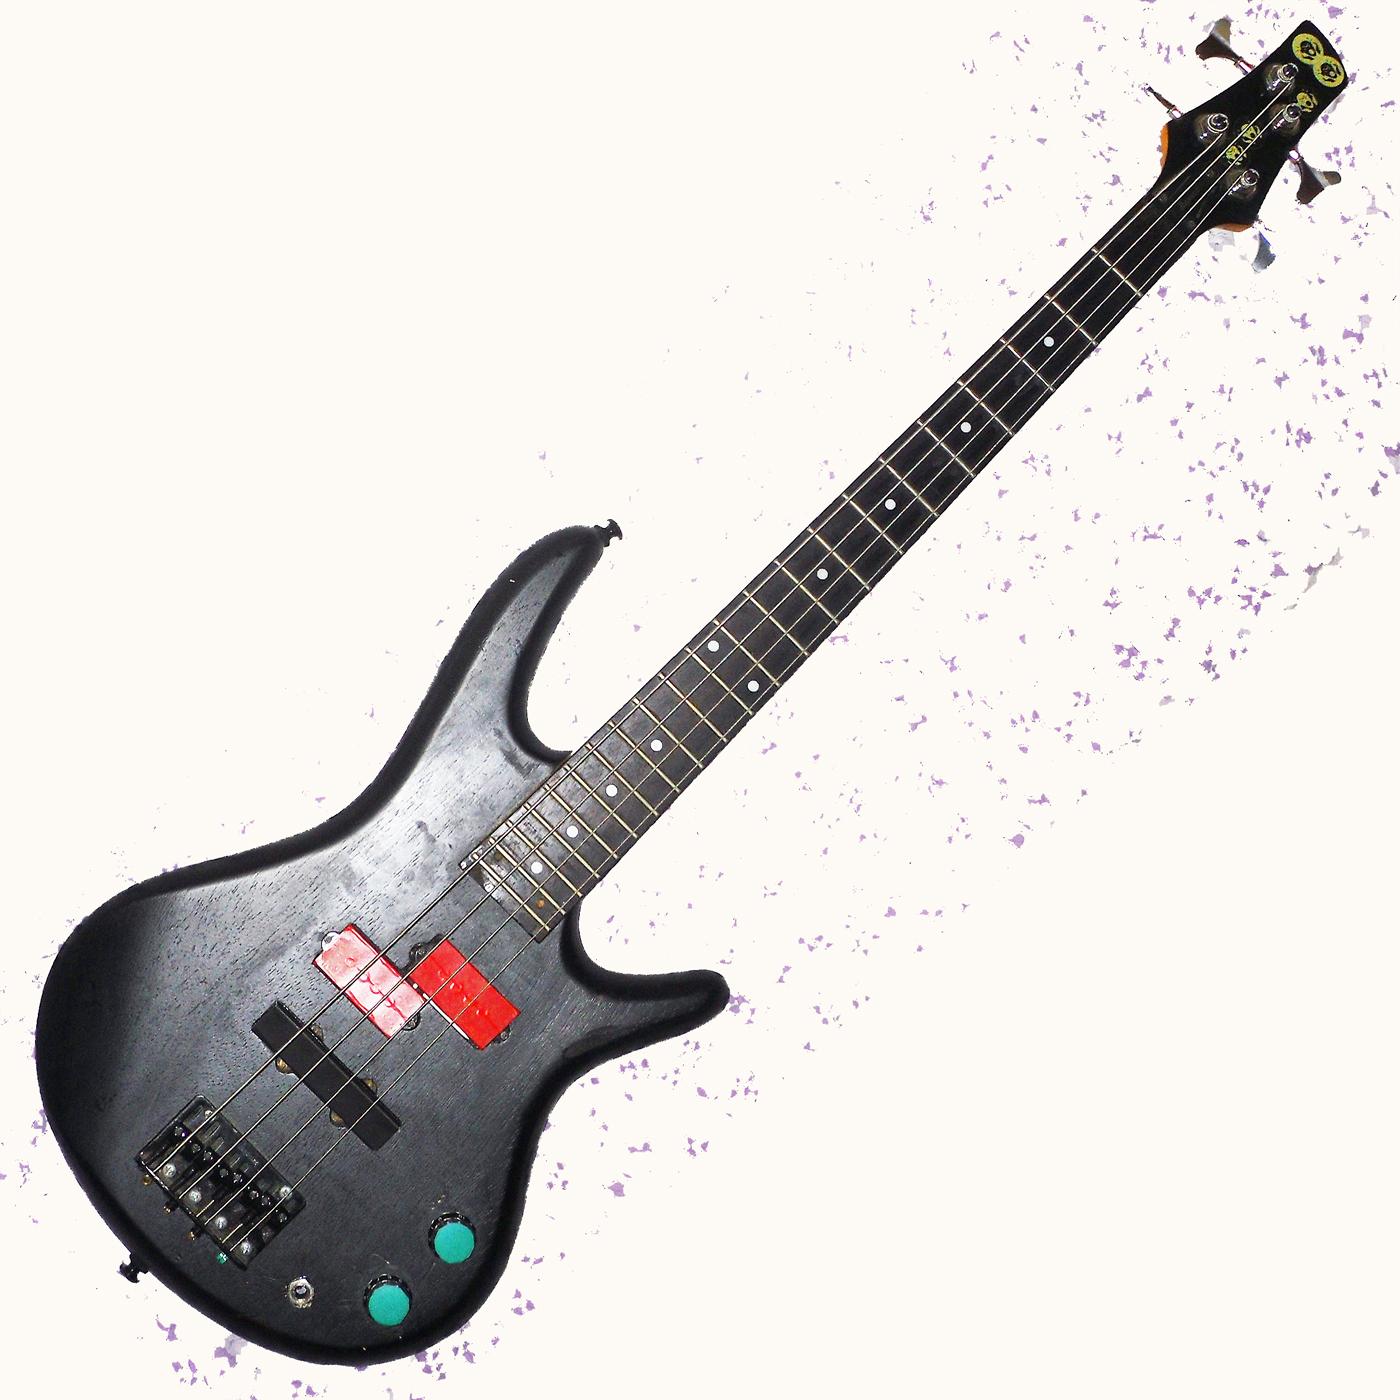 Mikro-Bass-120921-Take-24-22-666-smaller